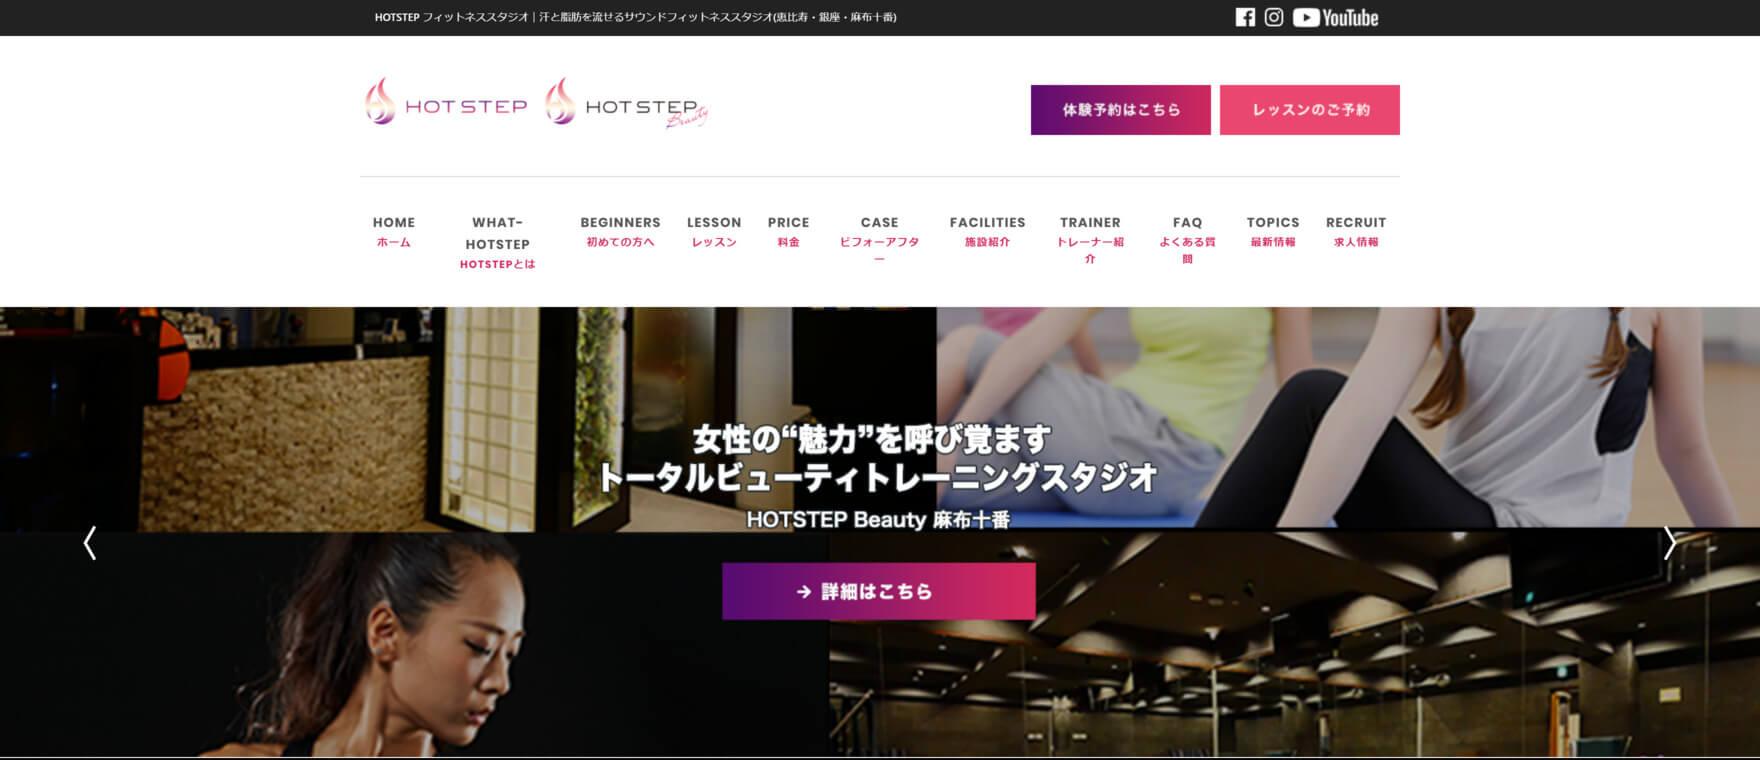 HOT STEP銀座店のイメージ画像